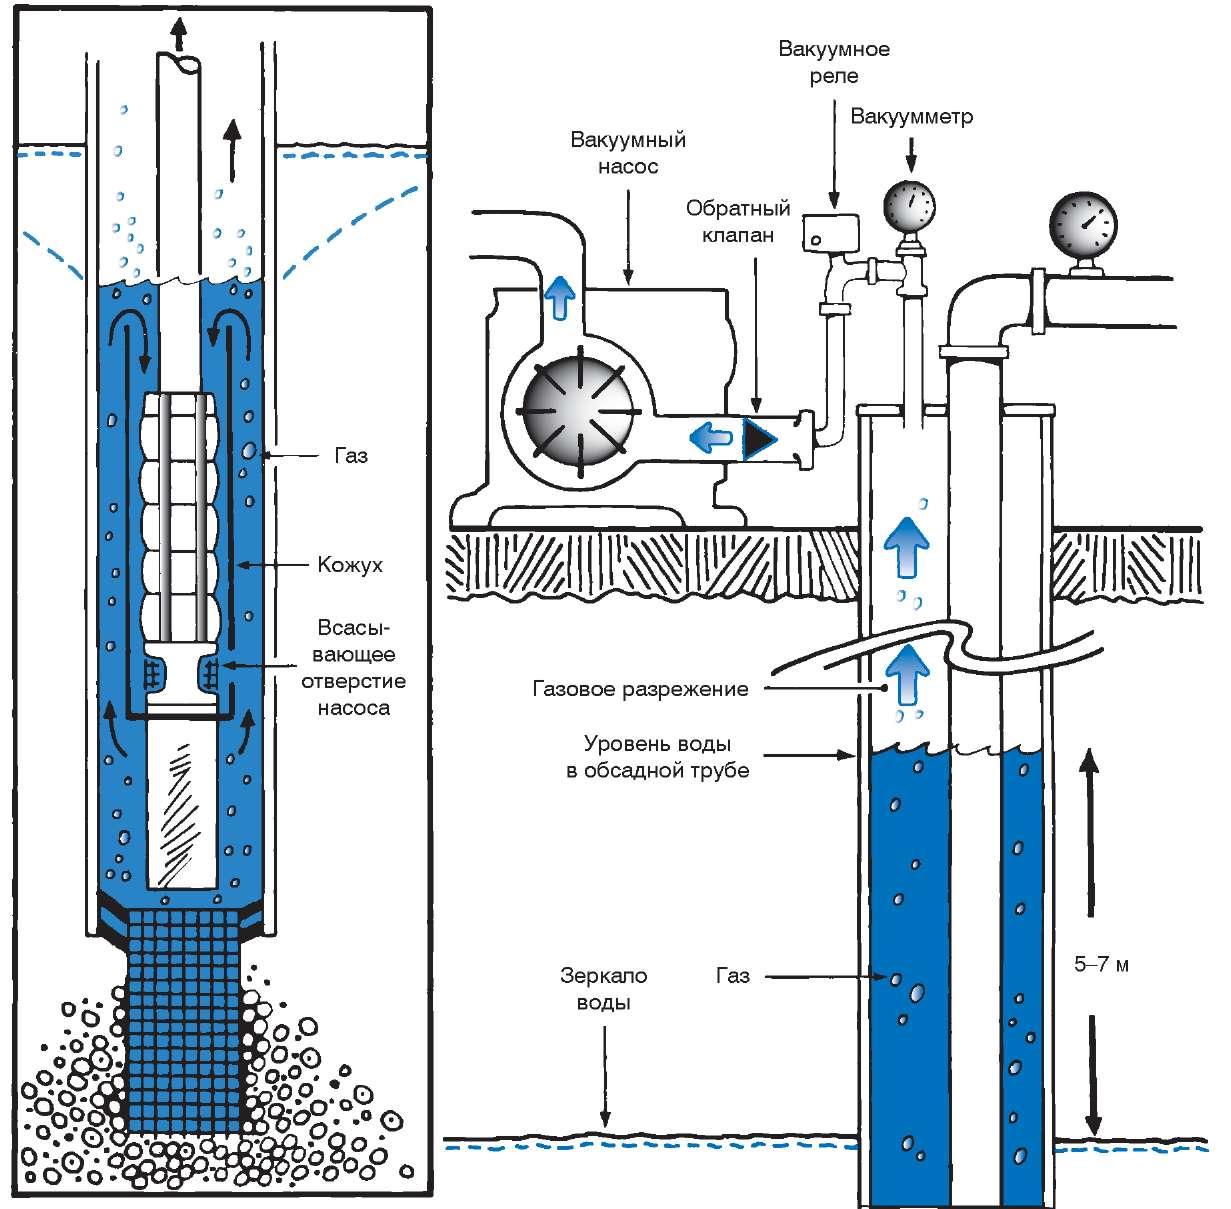 Заужение диаметра трубы отопления последствия | всё об отоплении